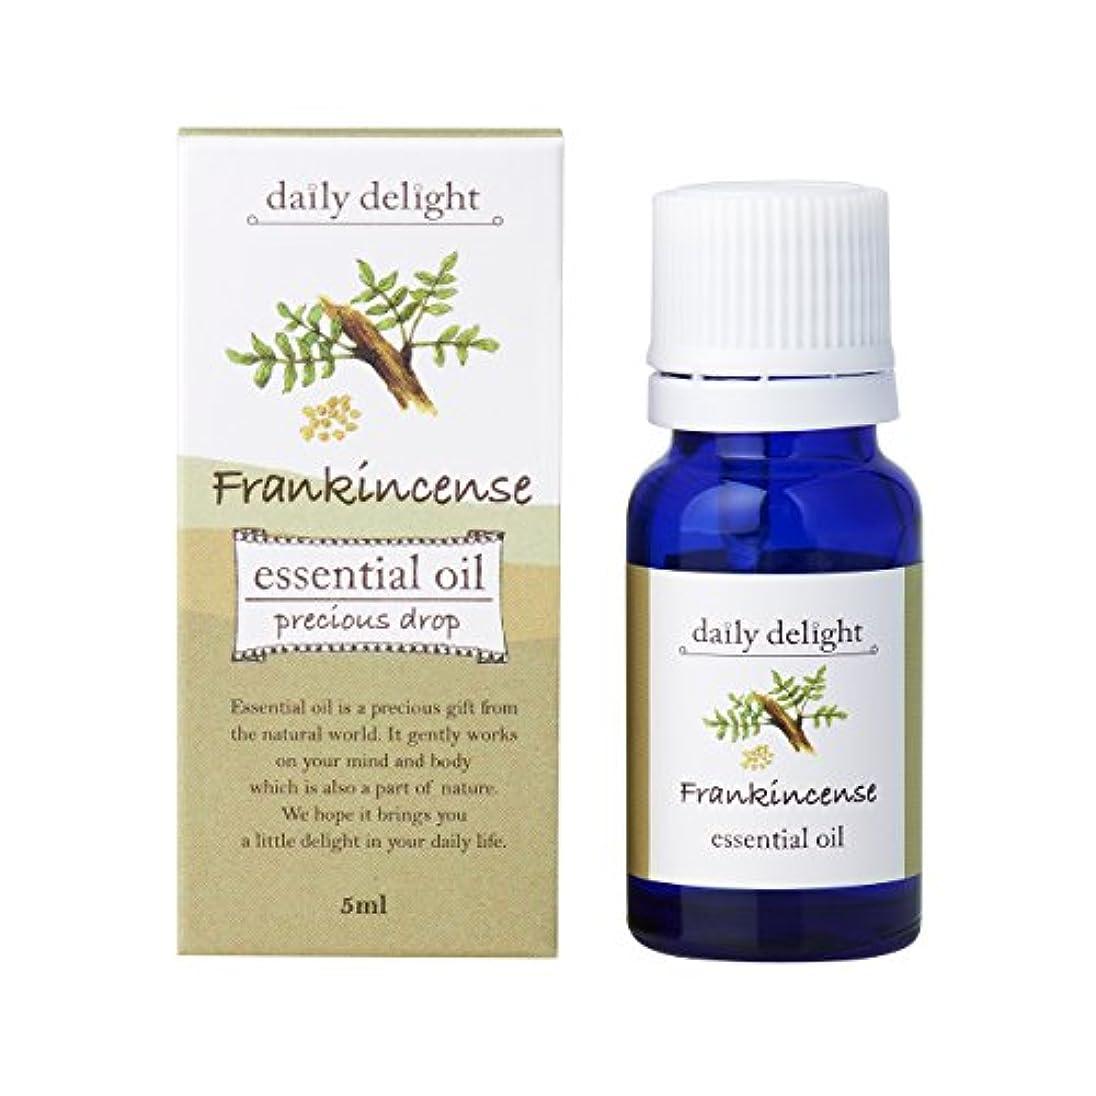 手足距離アパルデイリーディライト エッセンシャルオイル フランキンセンス 5ml(天然100% 精油 アロマ 樹脂系 樹脂から採れるさわやかな木の香り)